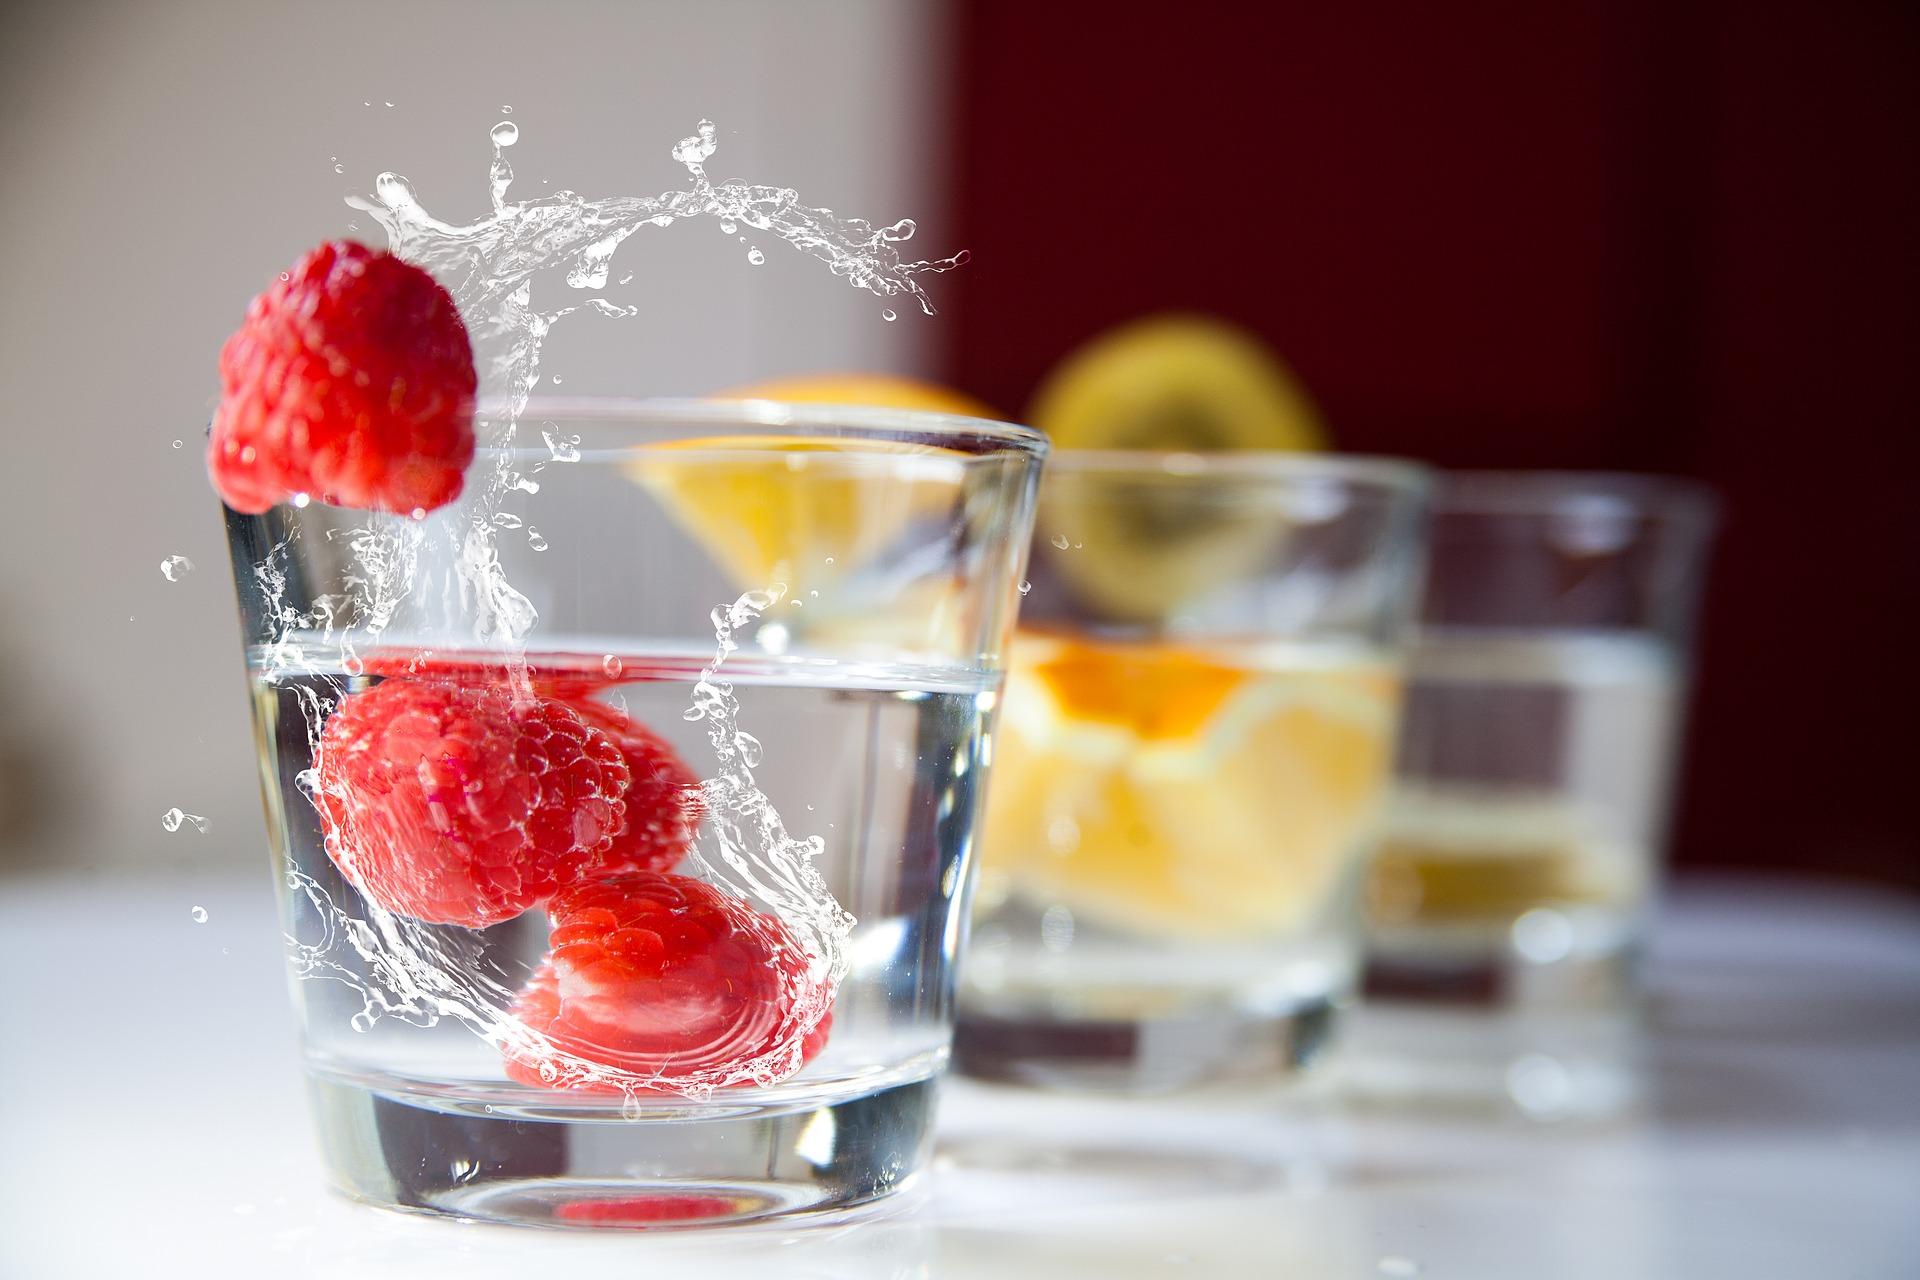 Столовая вода с малиной и лимоном